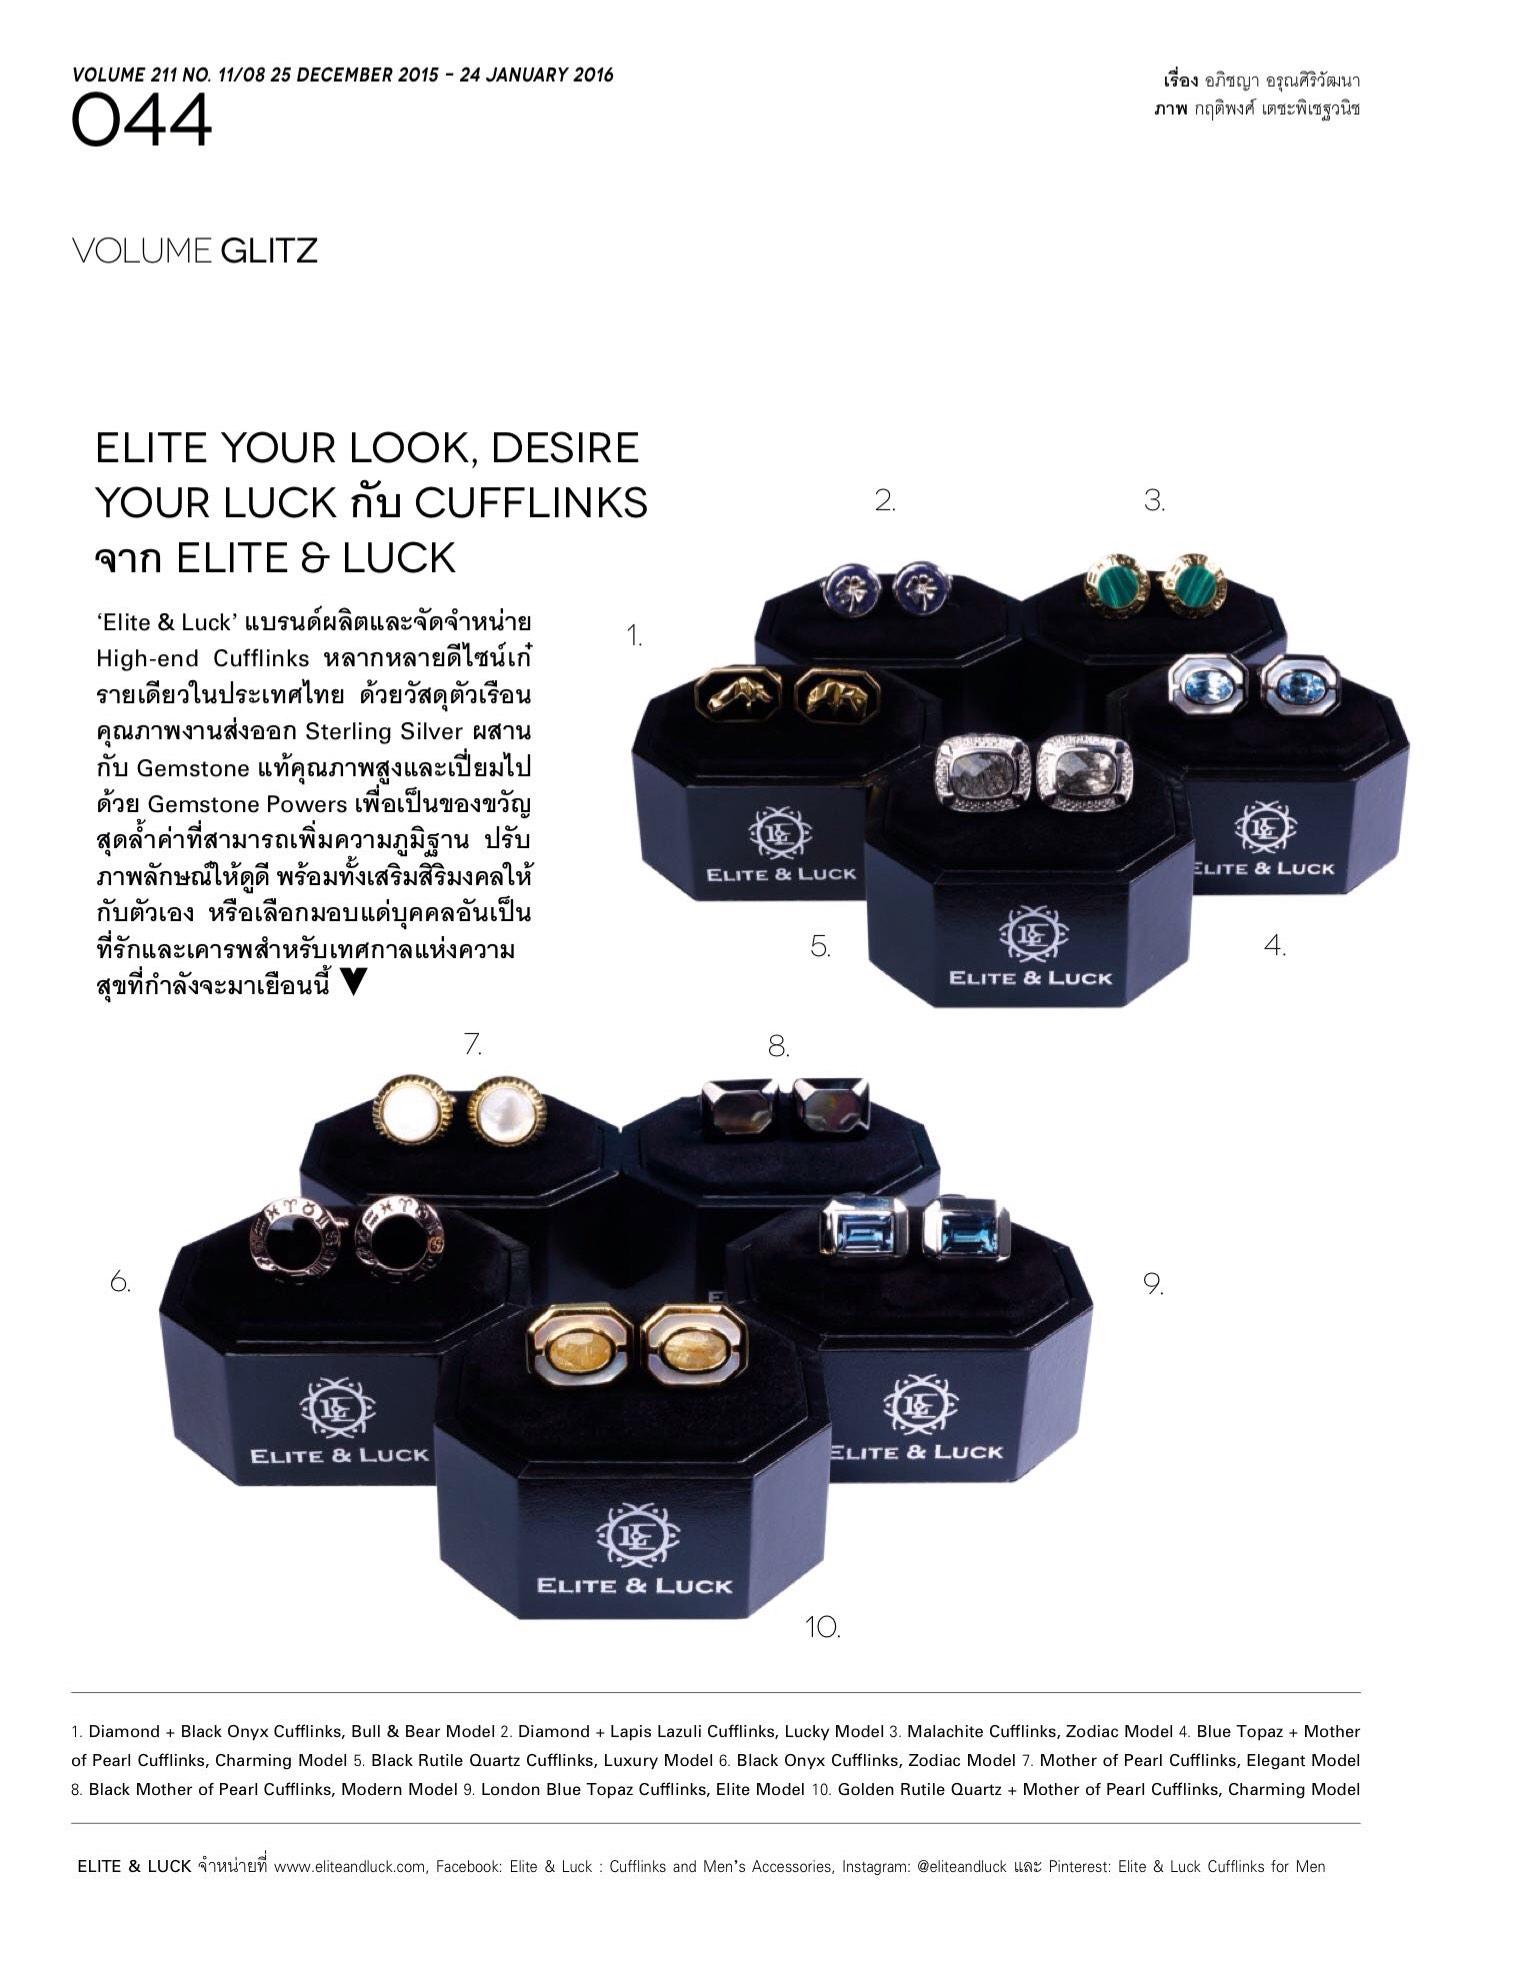 พบกับ Elite & Luck Cufflinks ได้ในนิตยสาร Volume ฉบับเดือนธันวาคม 2015.